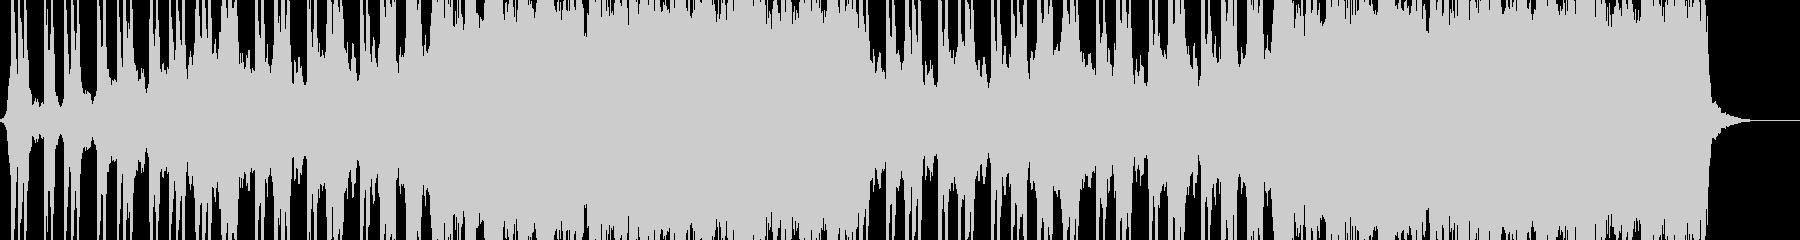 ロックハードバックグラウンドの未再生の波形